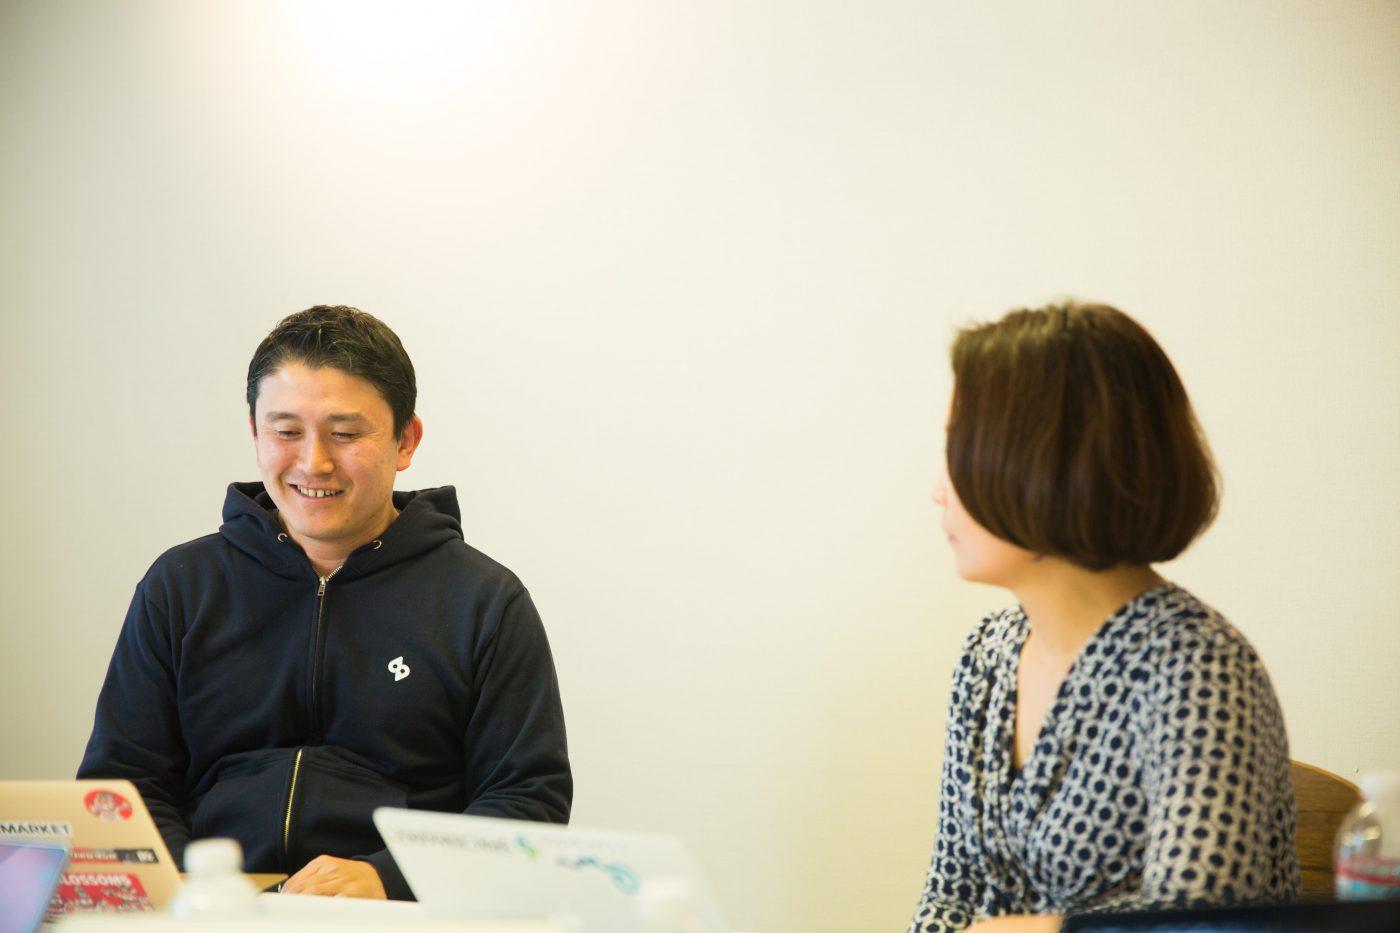 スペースマーケットで起業する前、重松氏はたくさんのビジネスアイデアを検証してきた。その中で、レンタルスペースのアイデアが最もしっくりきたという。